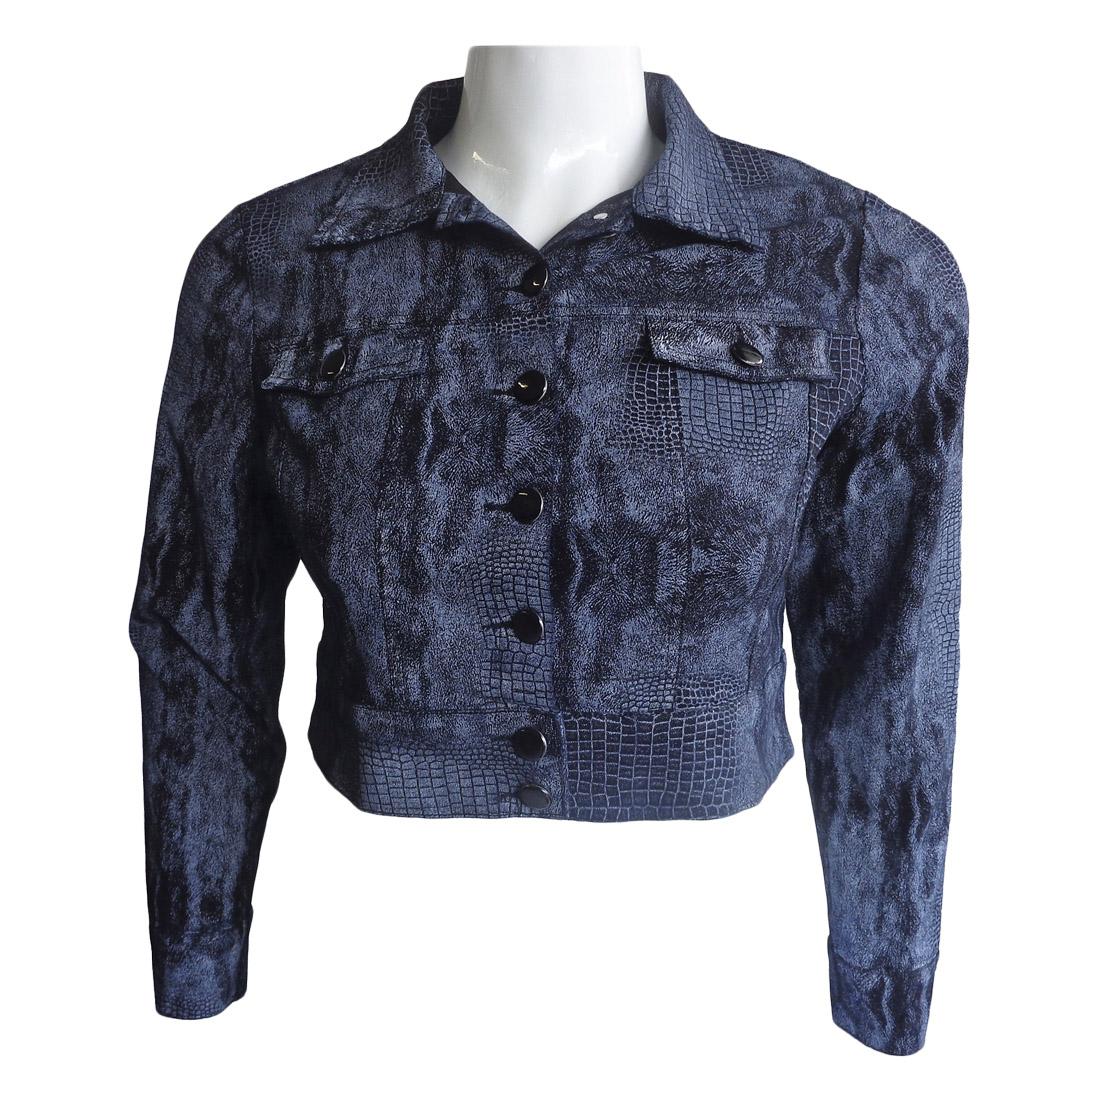 Jaqueta Cropped Jeans Resinado Kobra Tamanho M e GG2